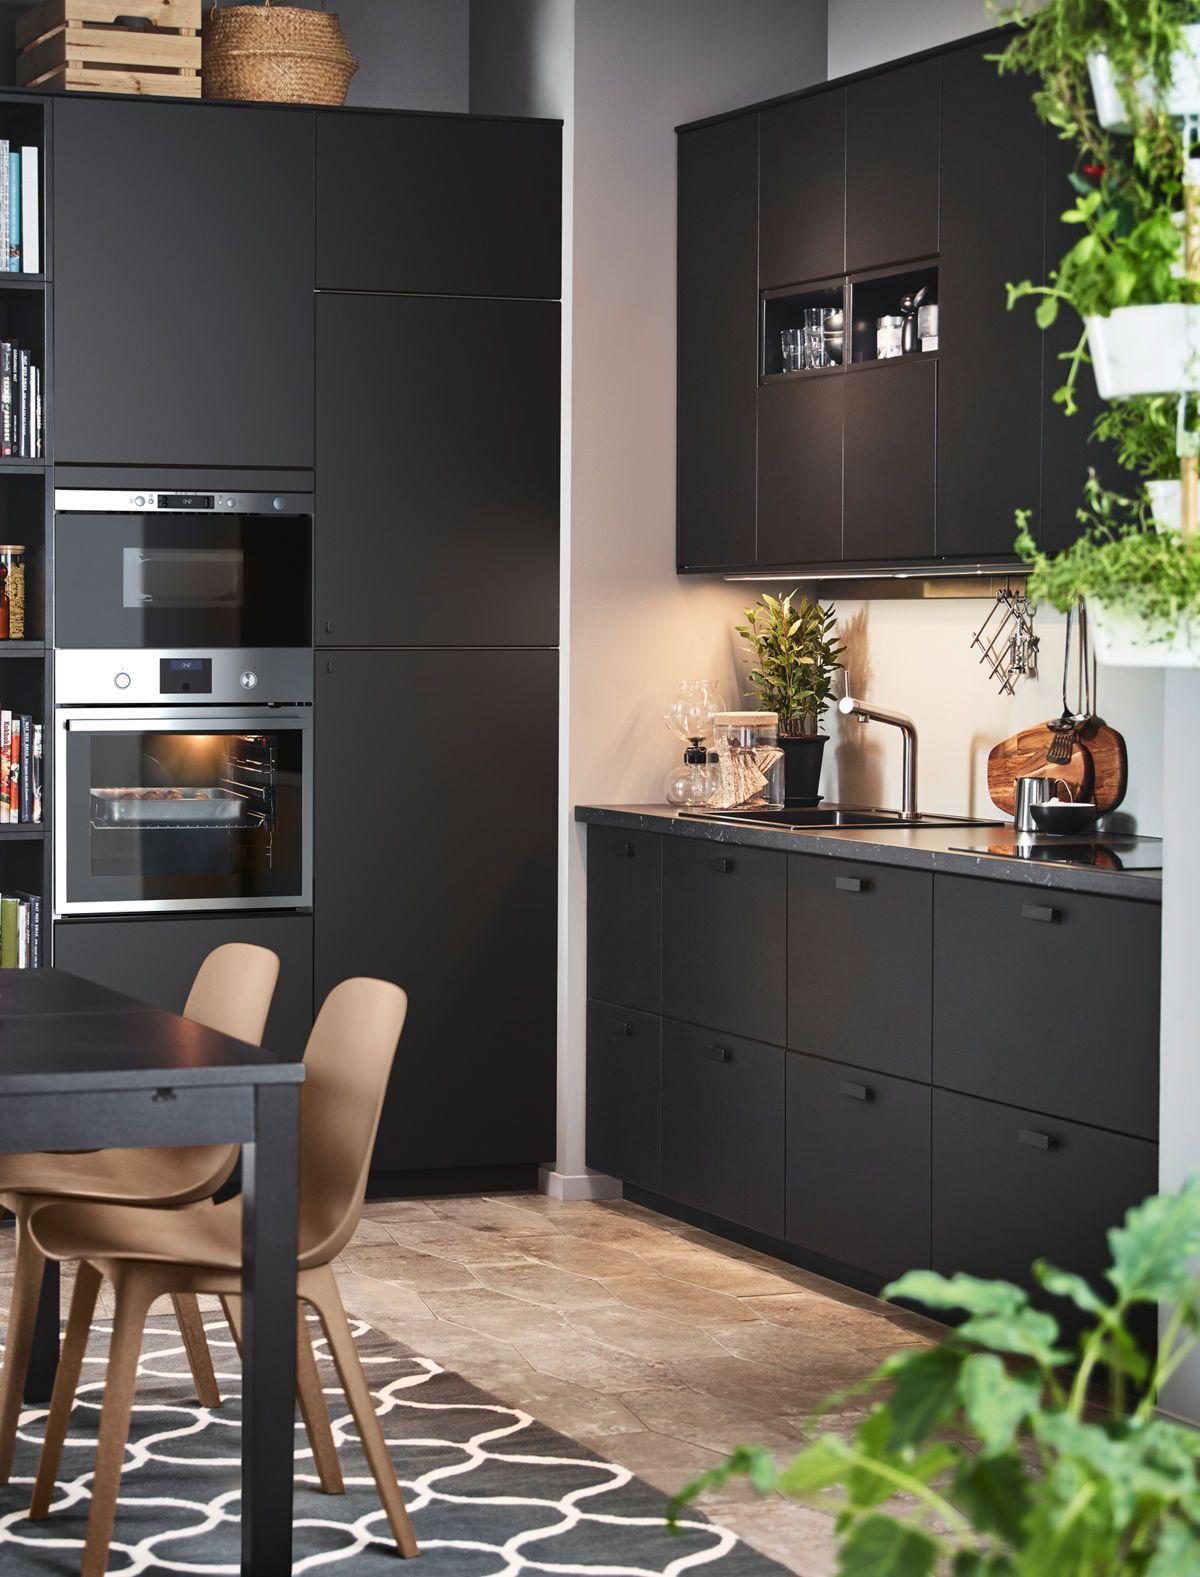 IKEA kuhinje 2018. | Shelter | Pinterest | Ranges and Kitchens